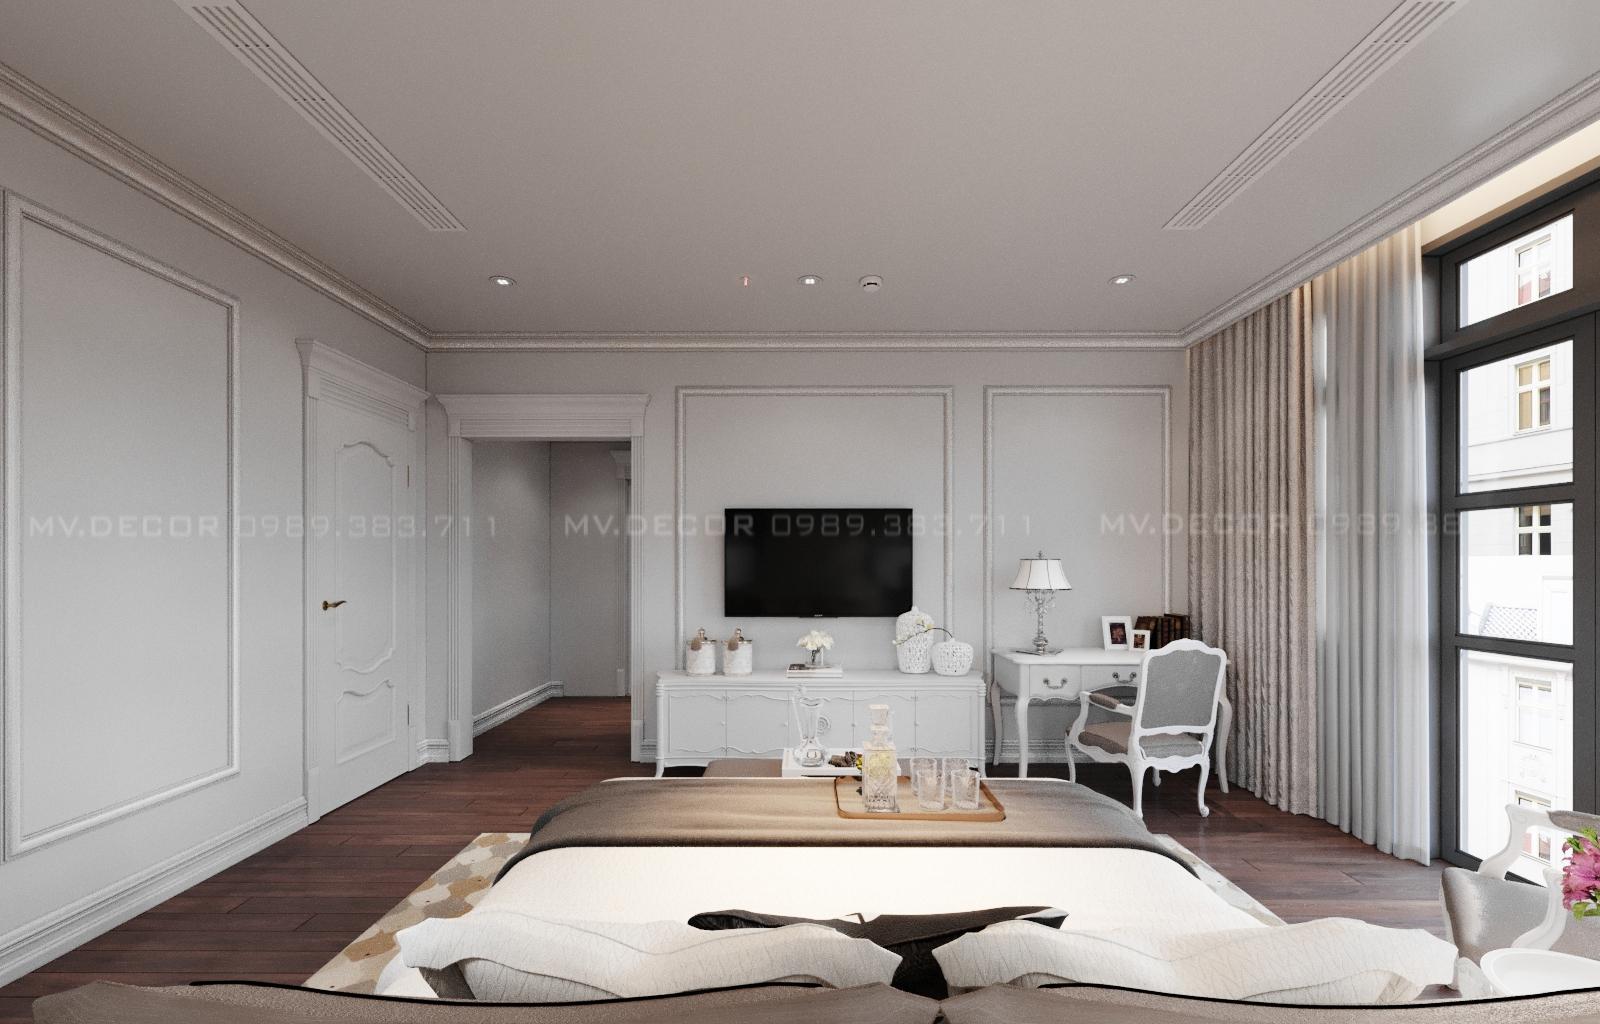 thiết kế nội thất Biệt Thự tại Hải Phòng BT VENICE 6-26 20 1564932018